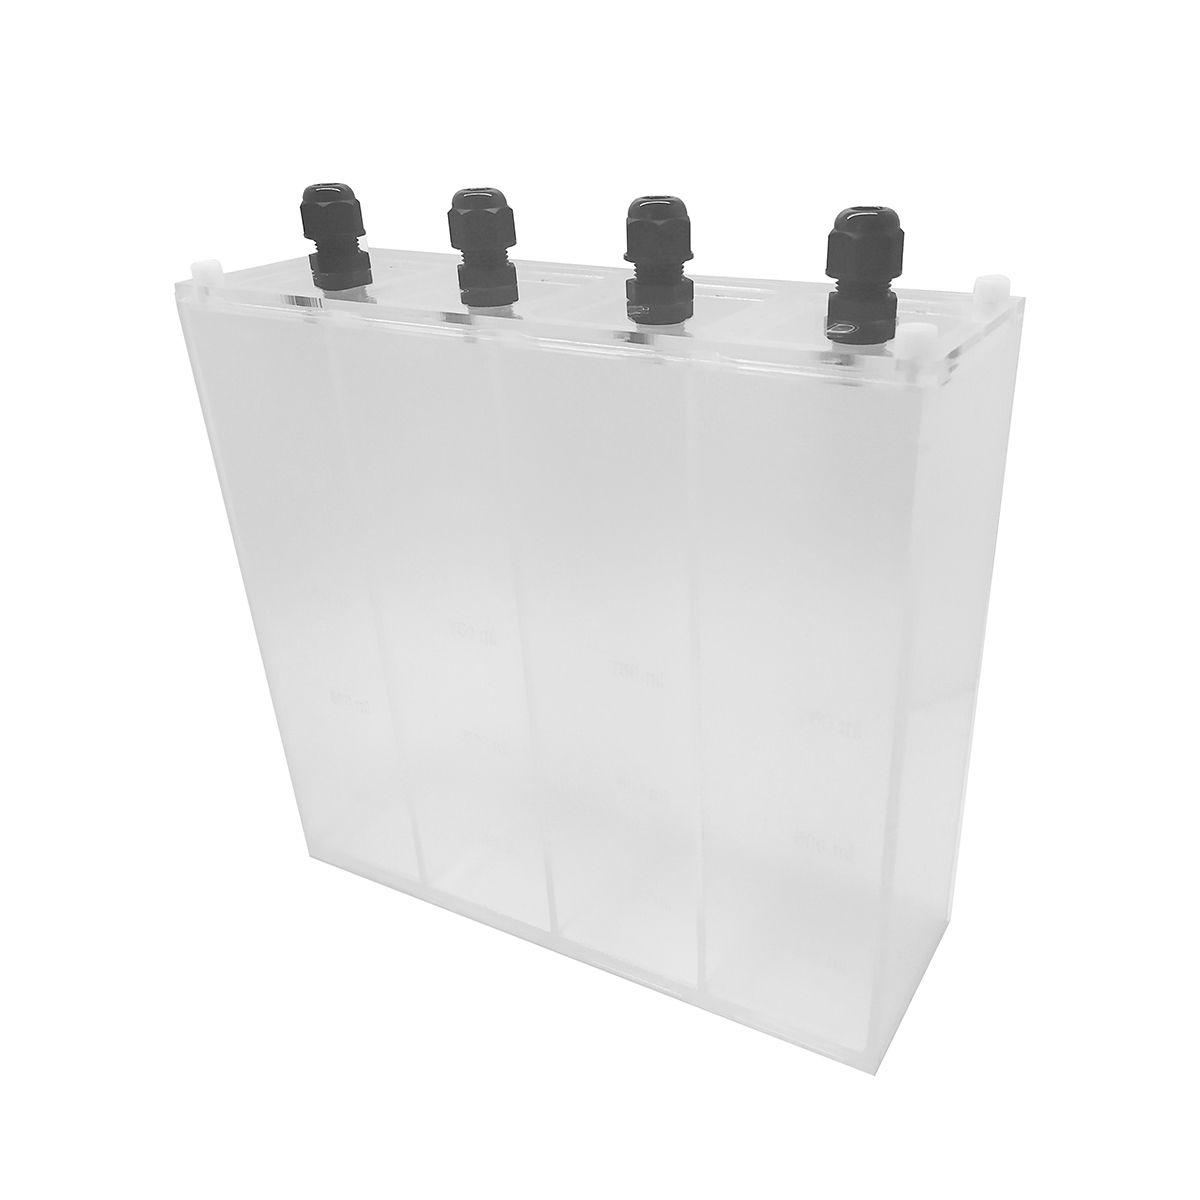 Reservatório E Caixa 4 seções 4 x 1 Litro - 4 Litros RRJ